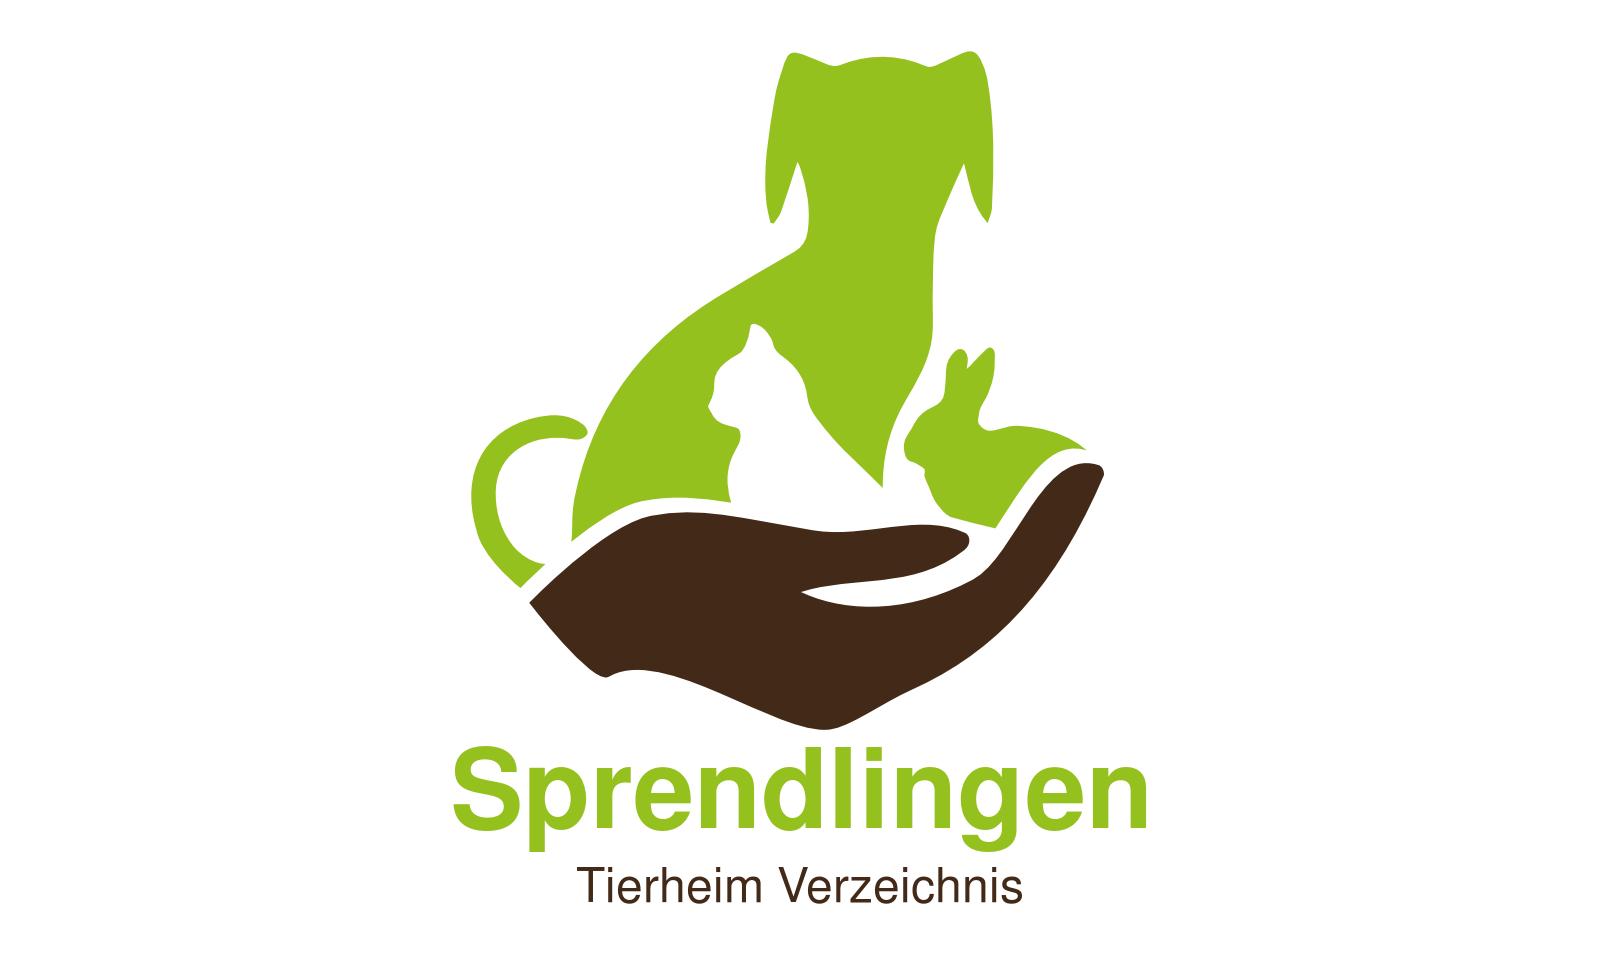 Tierheim Sprendlingen